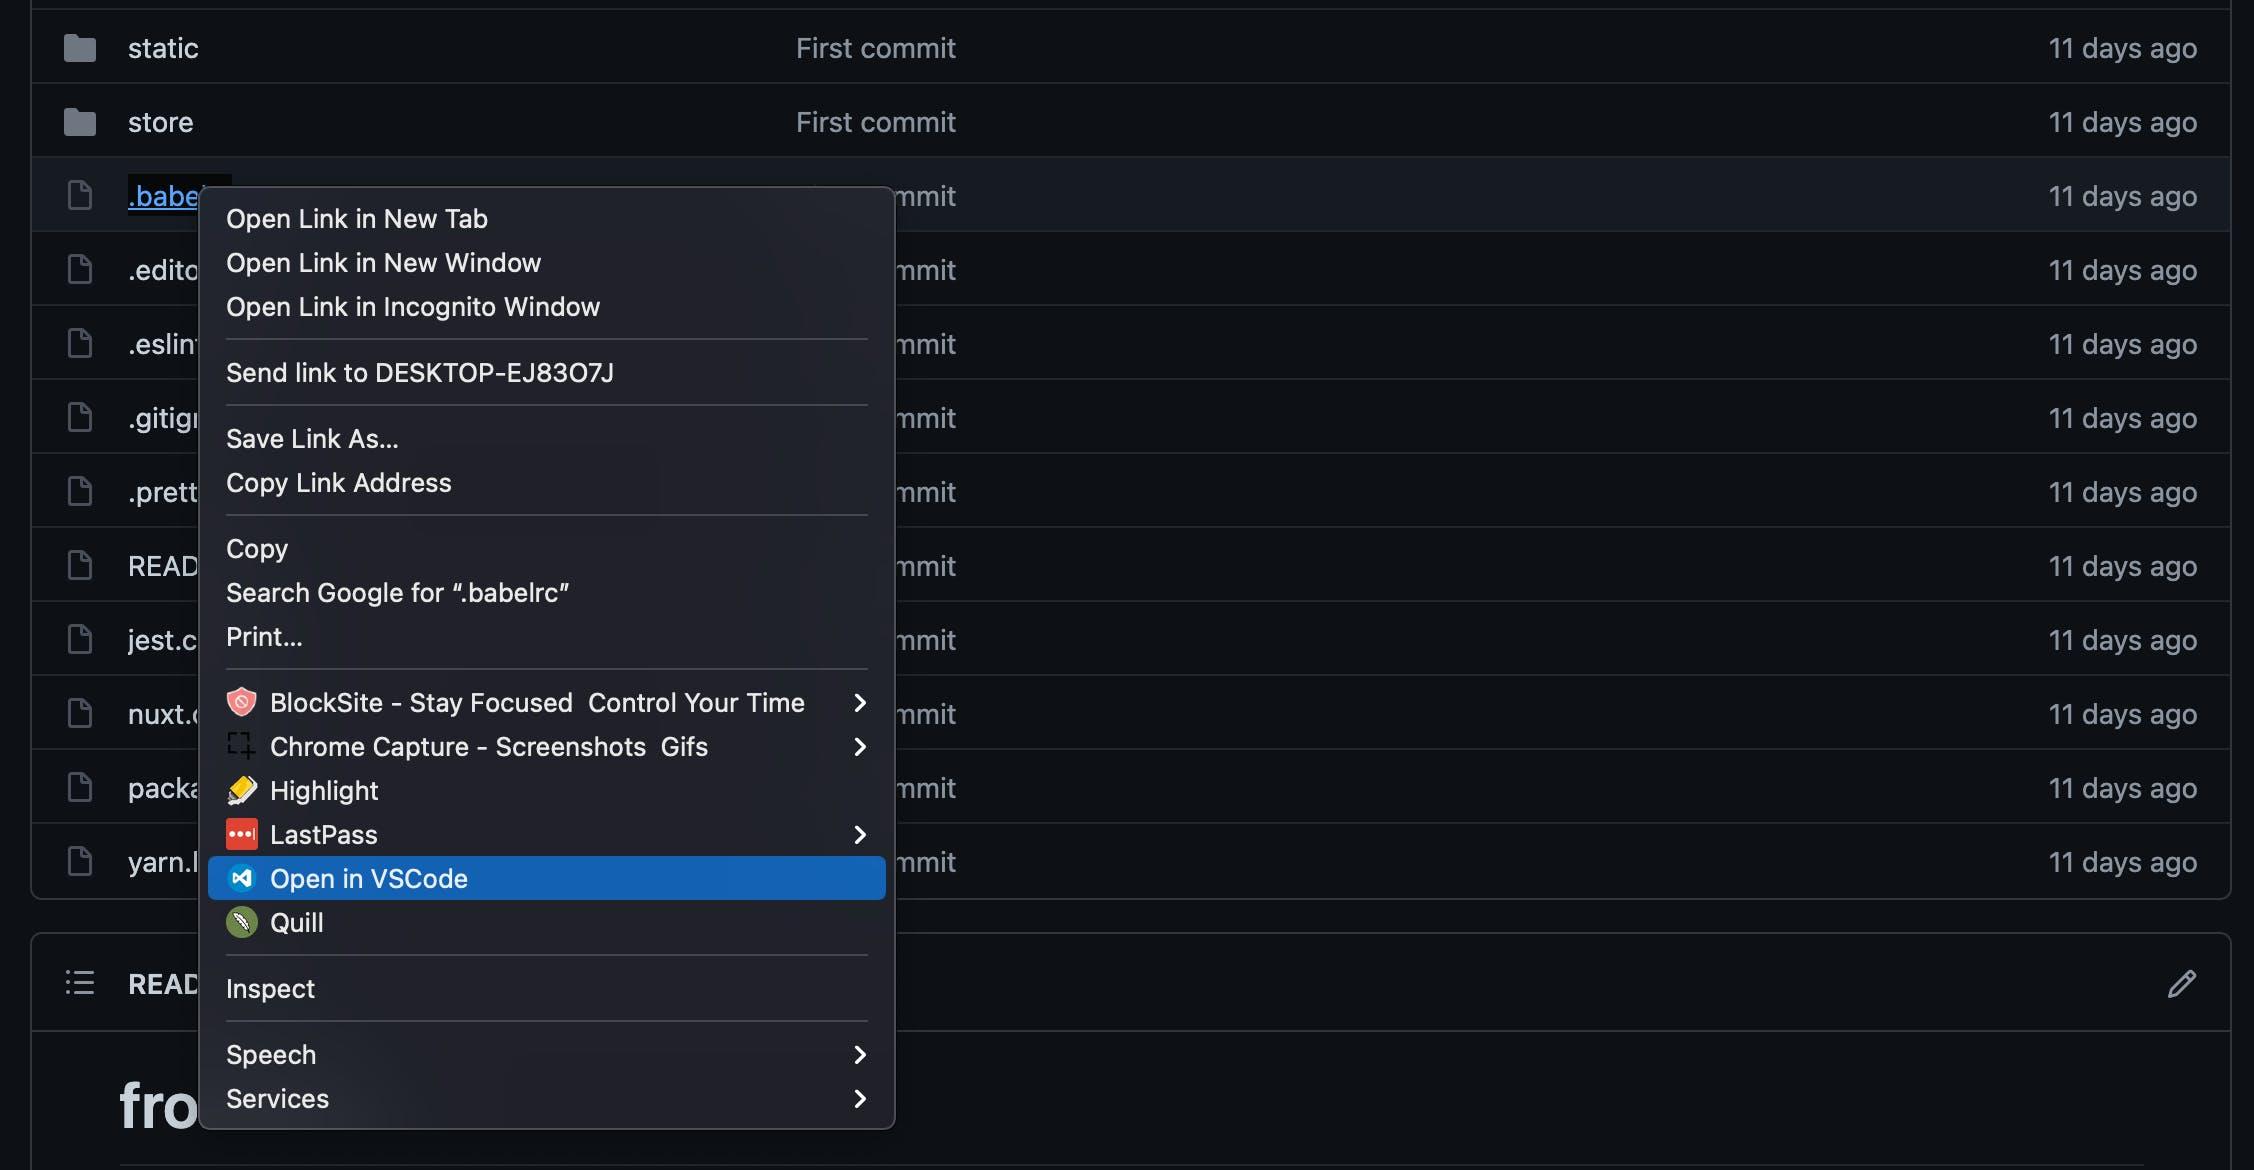 Screenshot 2021-04-03 at 14.11.26.png